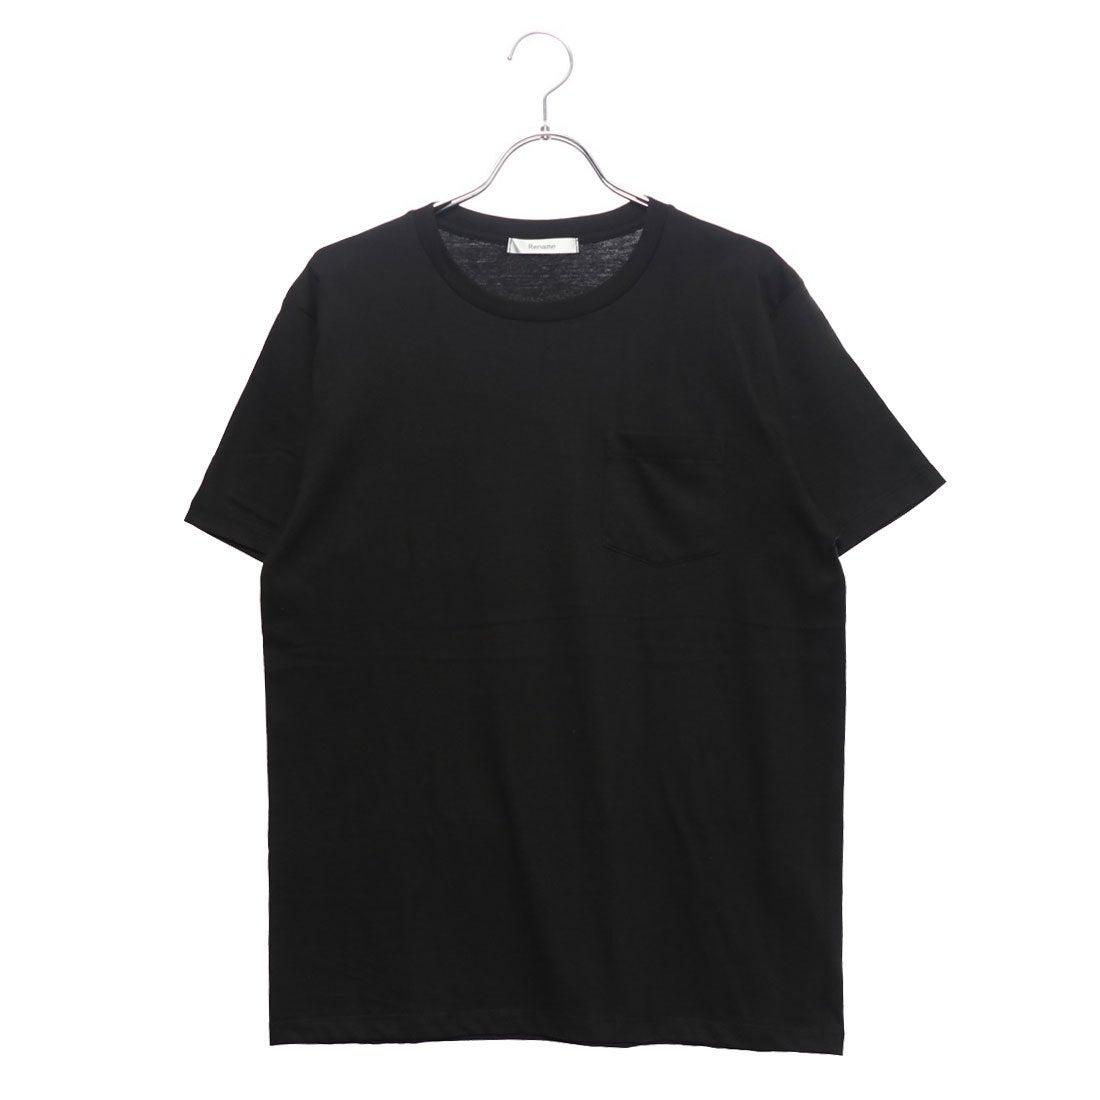 ロコンド 靴とファッションの通販サイトリネーム Rename ポケット付きTシャツ (ブラック)